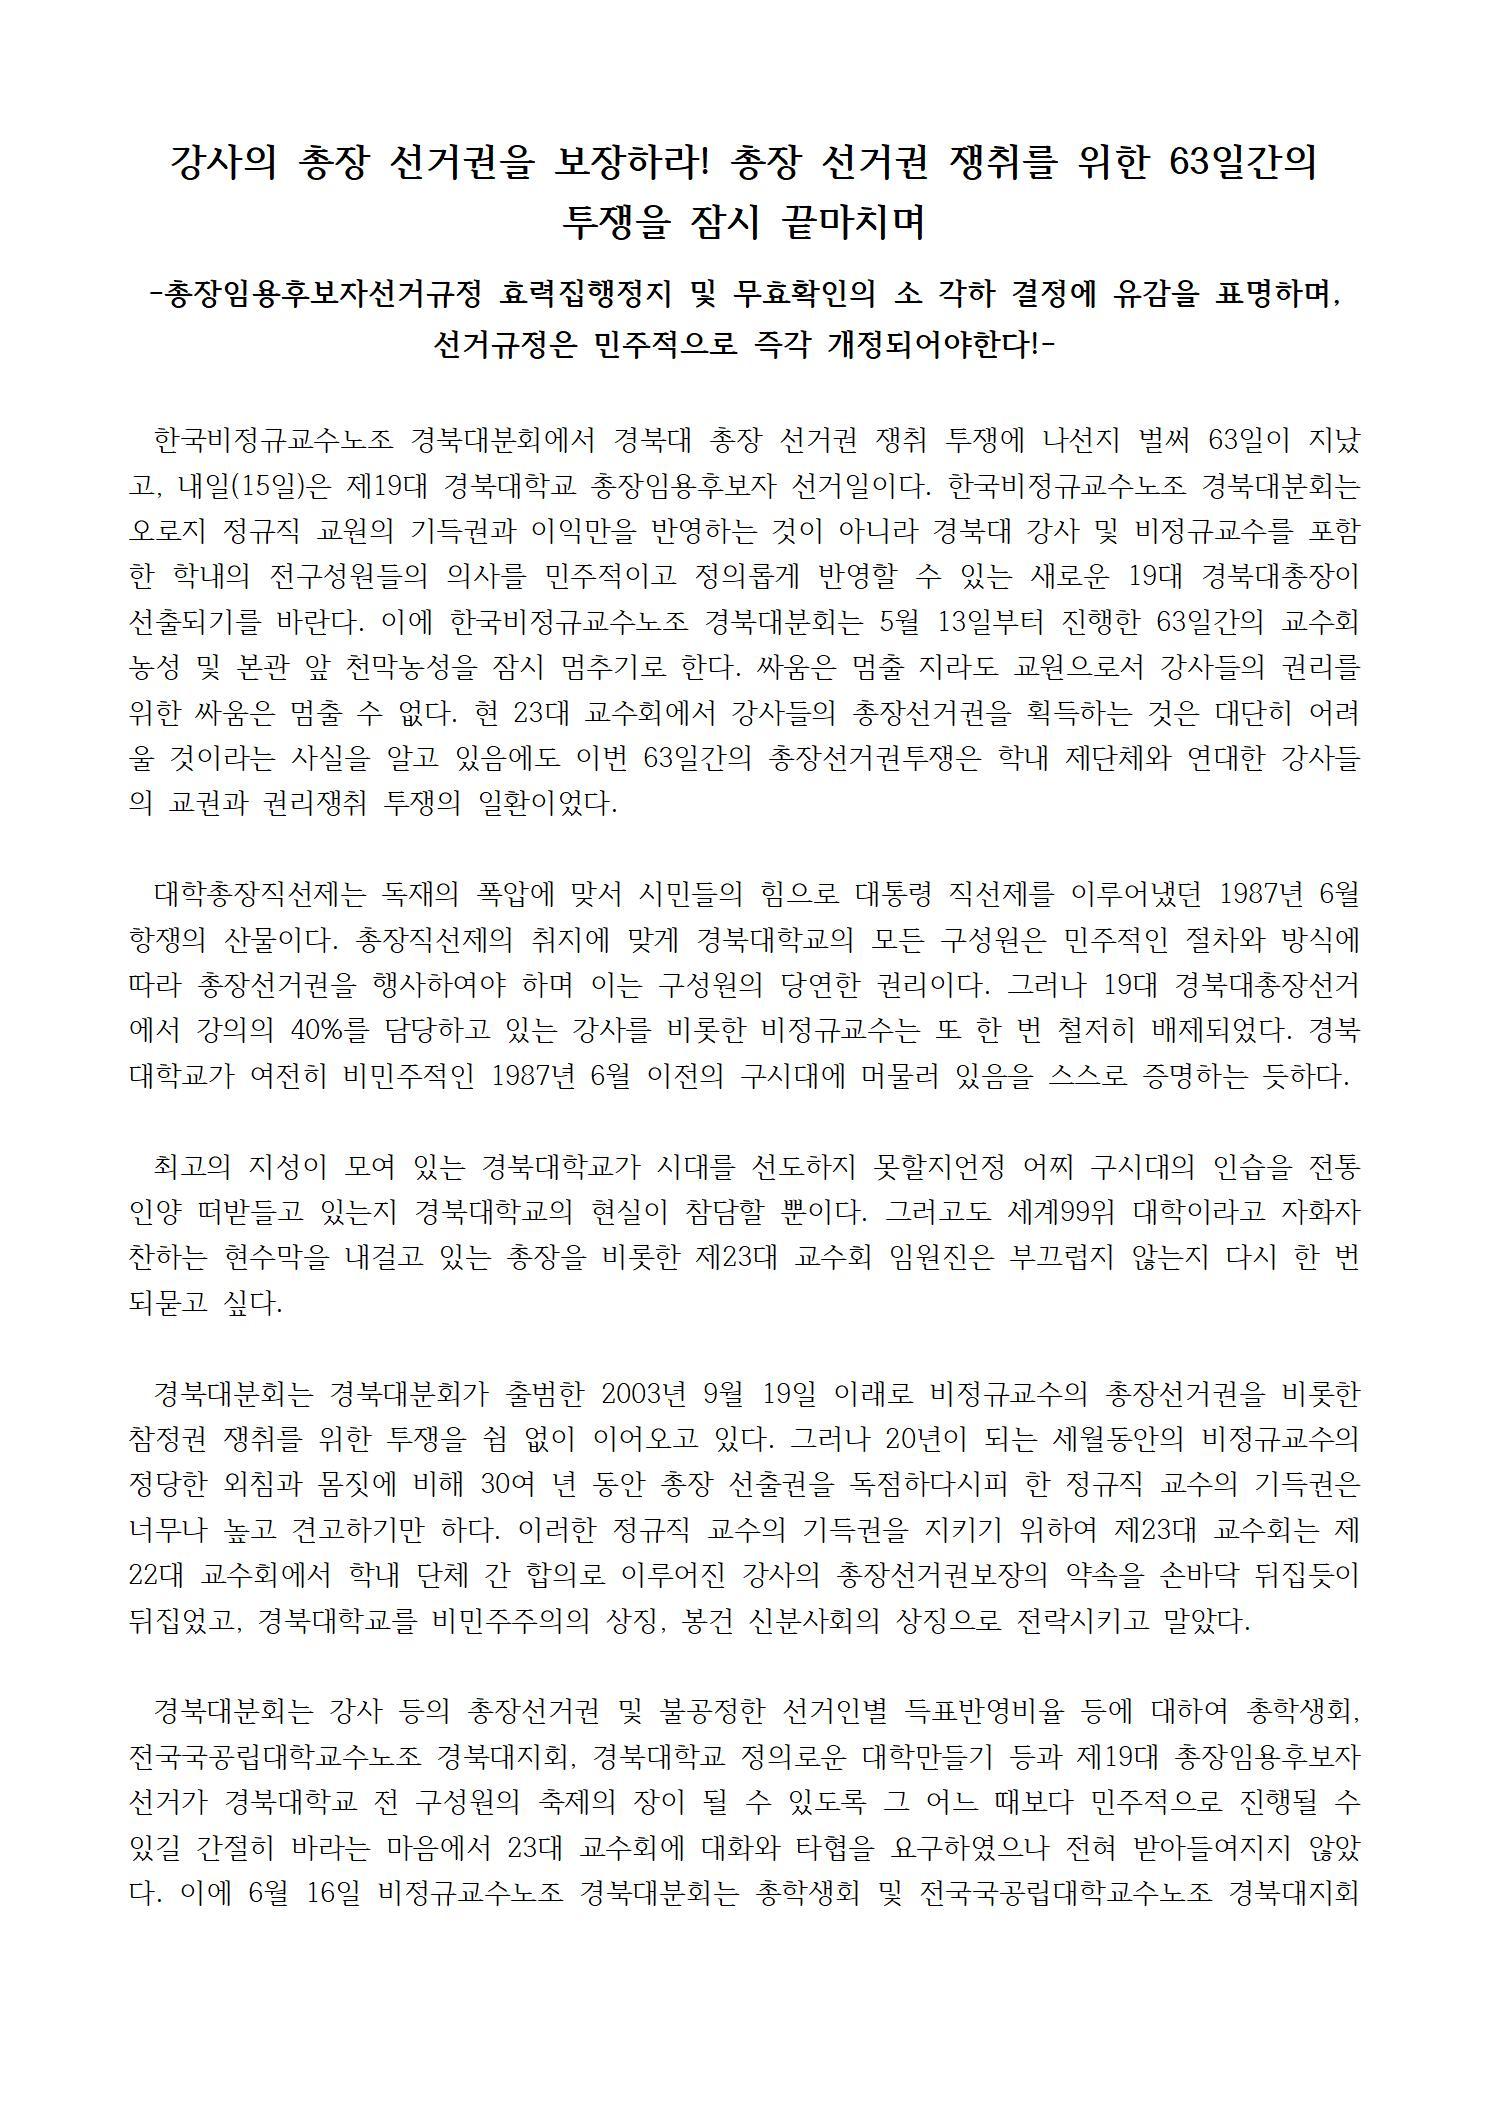 (200714)강사의 총장 선거권을 보장하라! 총장 선거권 쟁취를 위한 63일간의 투쟁을 잠시 끝마치며001.jpg